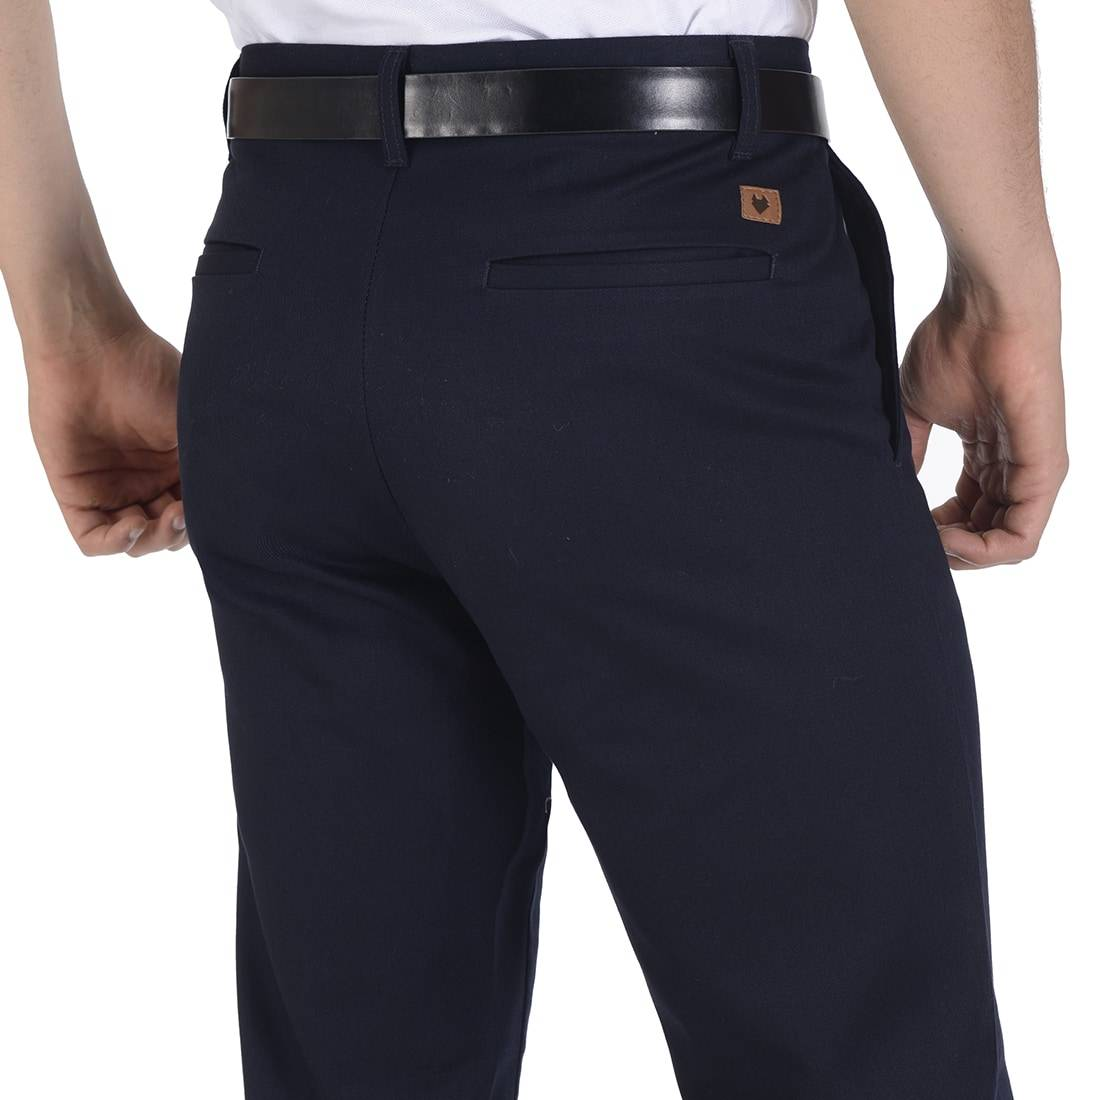 010789055219-04-Pantalon-Casual-Classic-Fit-Marino-yale